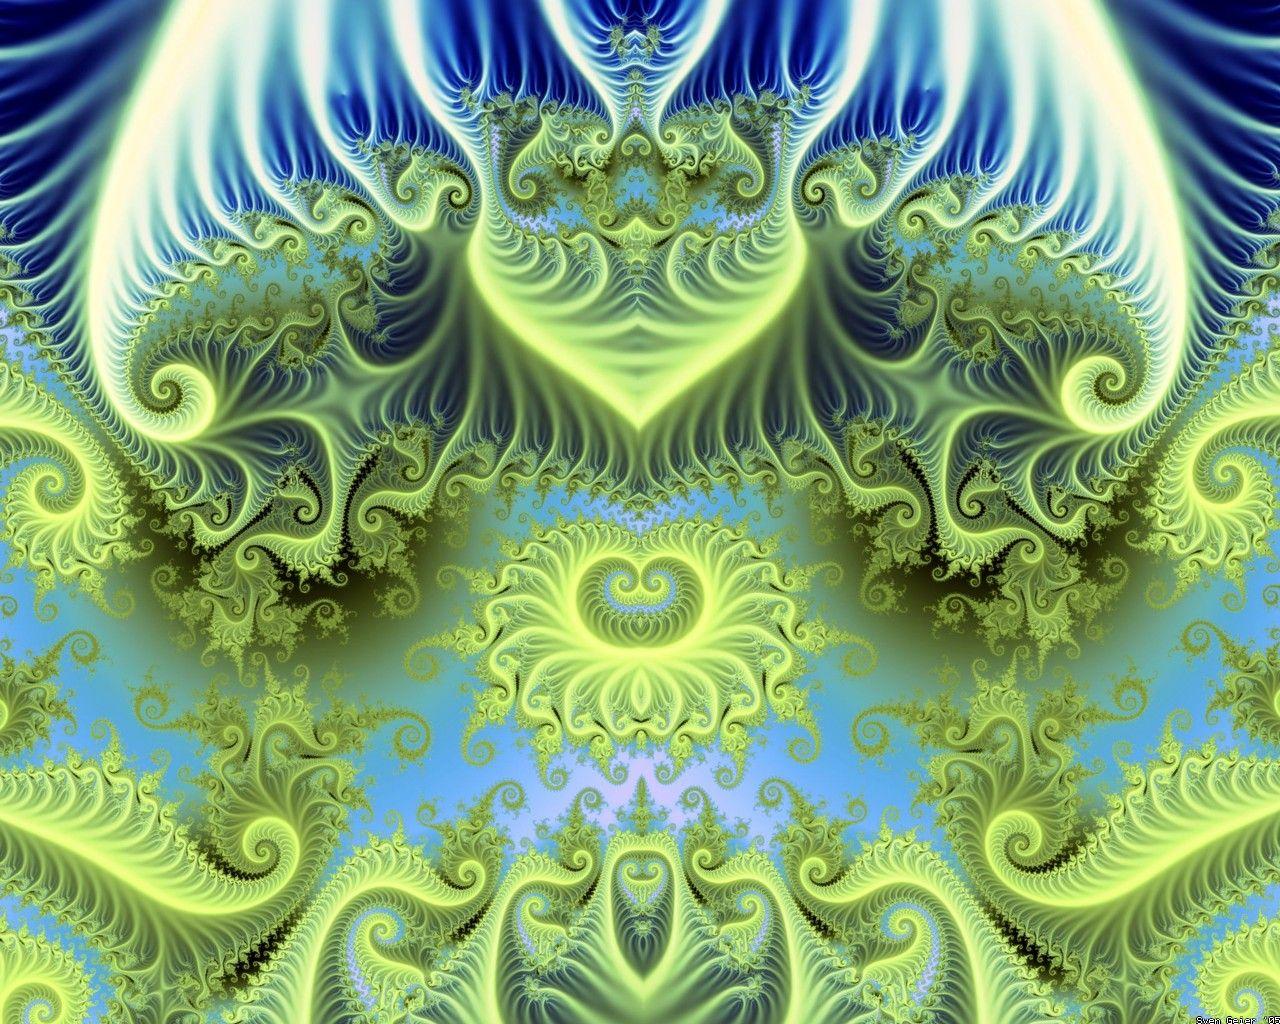 zj511s6 3Lcs1600psychedelicwallpaperdesktoptrippyimagejpg 1280x1024